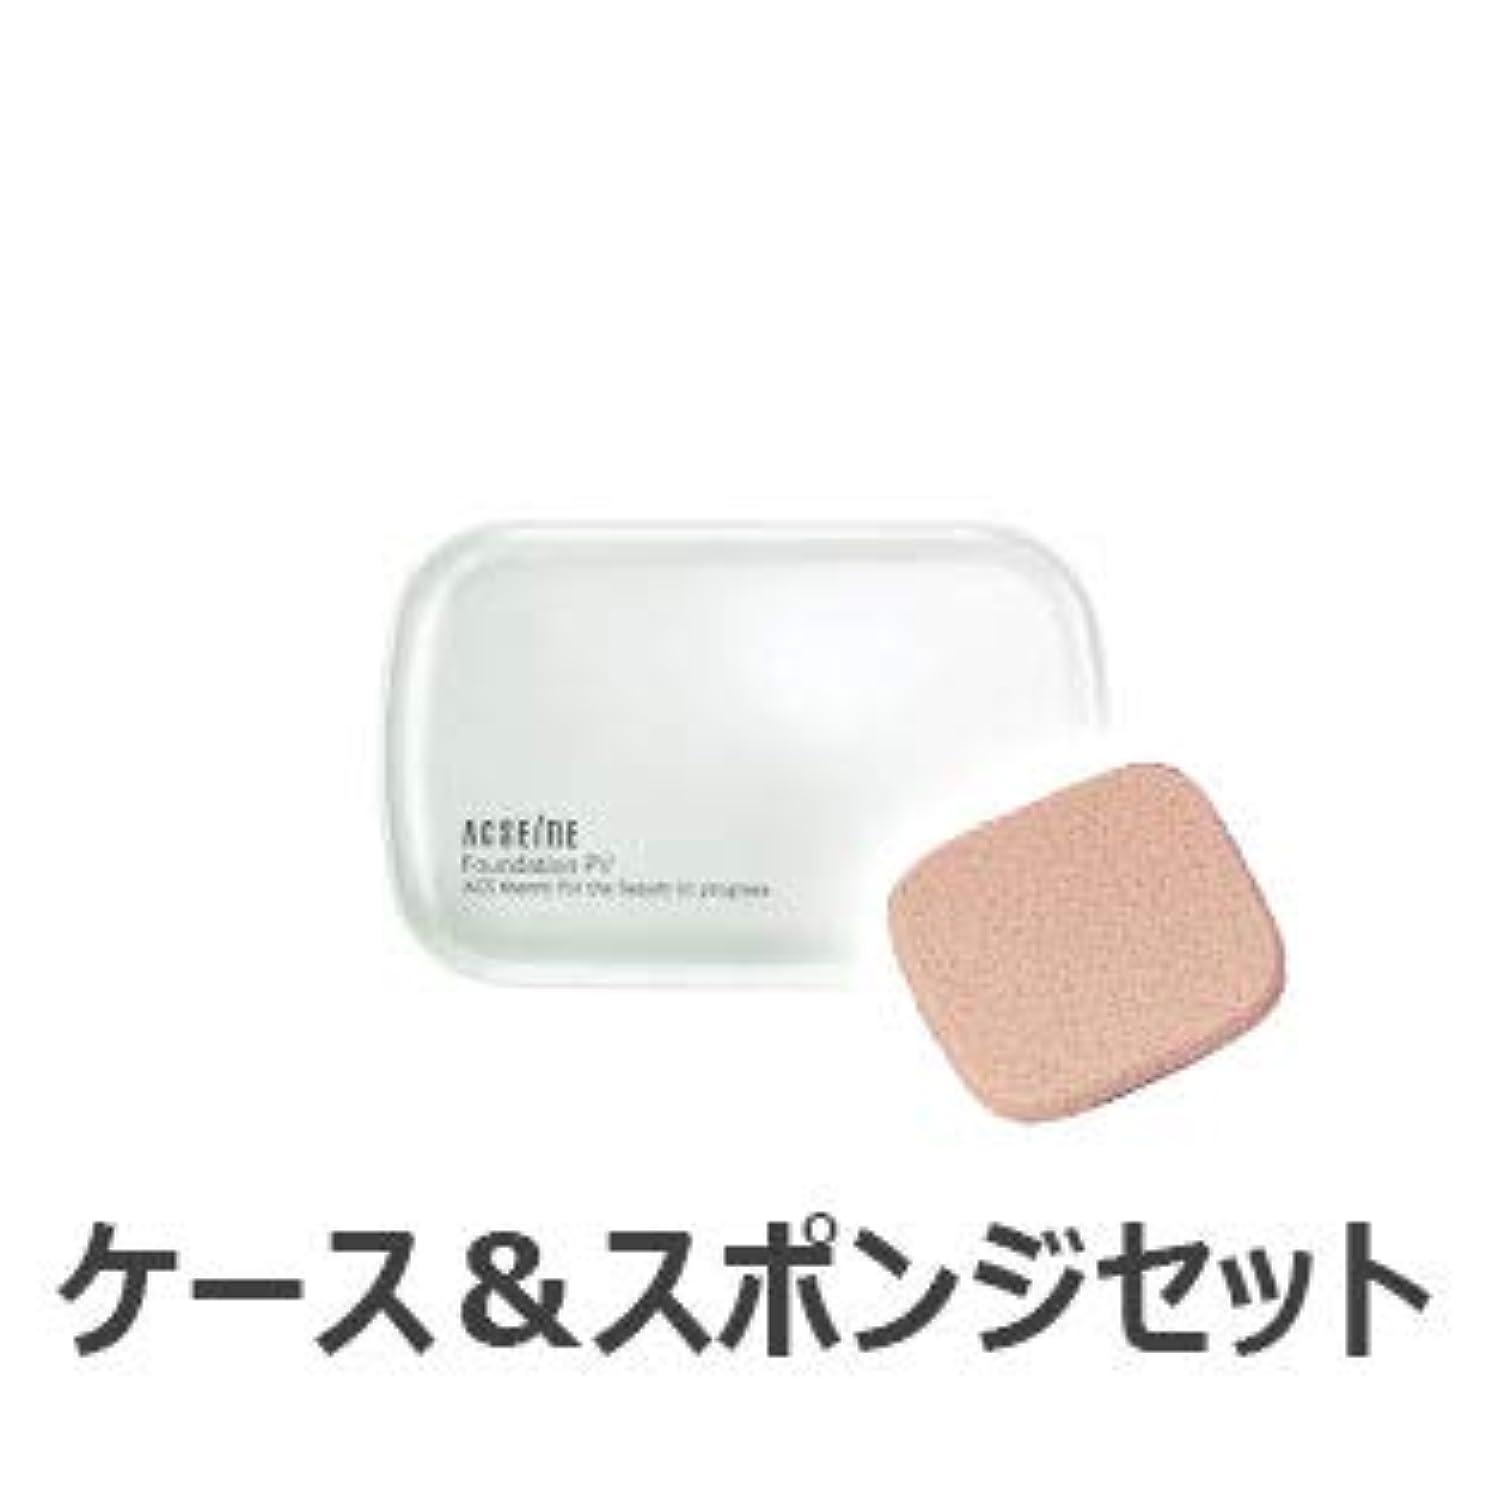 純正繊細牛肉アクセーヌ クリーミィーファンデーション PV 専用ケース(スポンジつき) & 専用スポンジ2個 セット